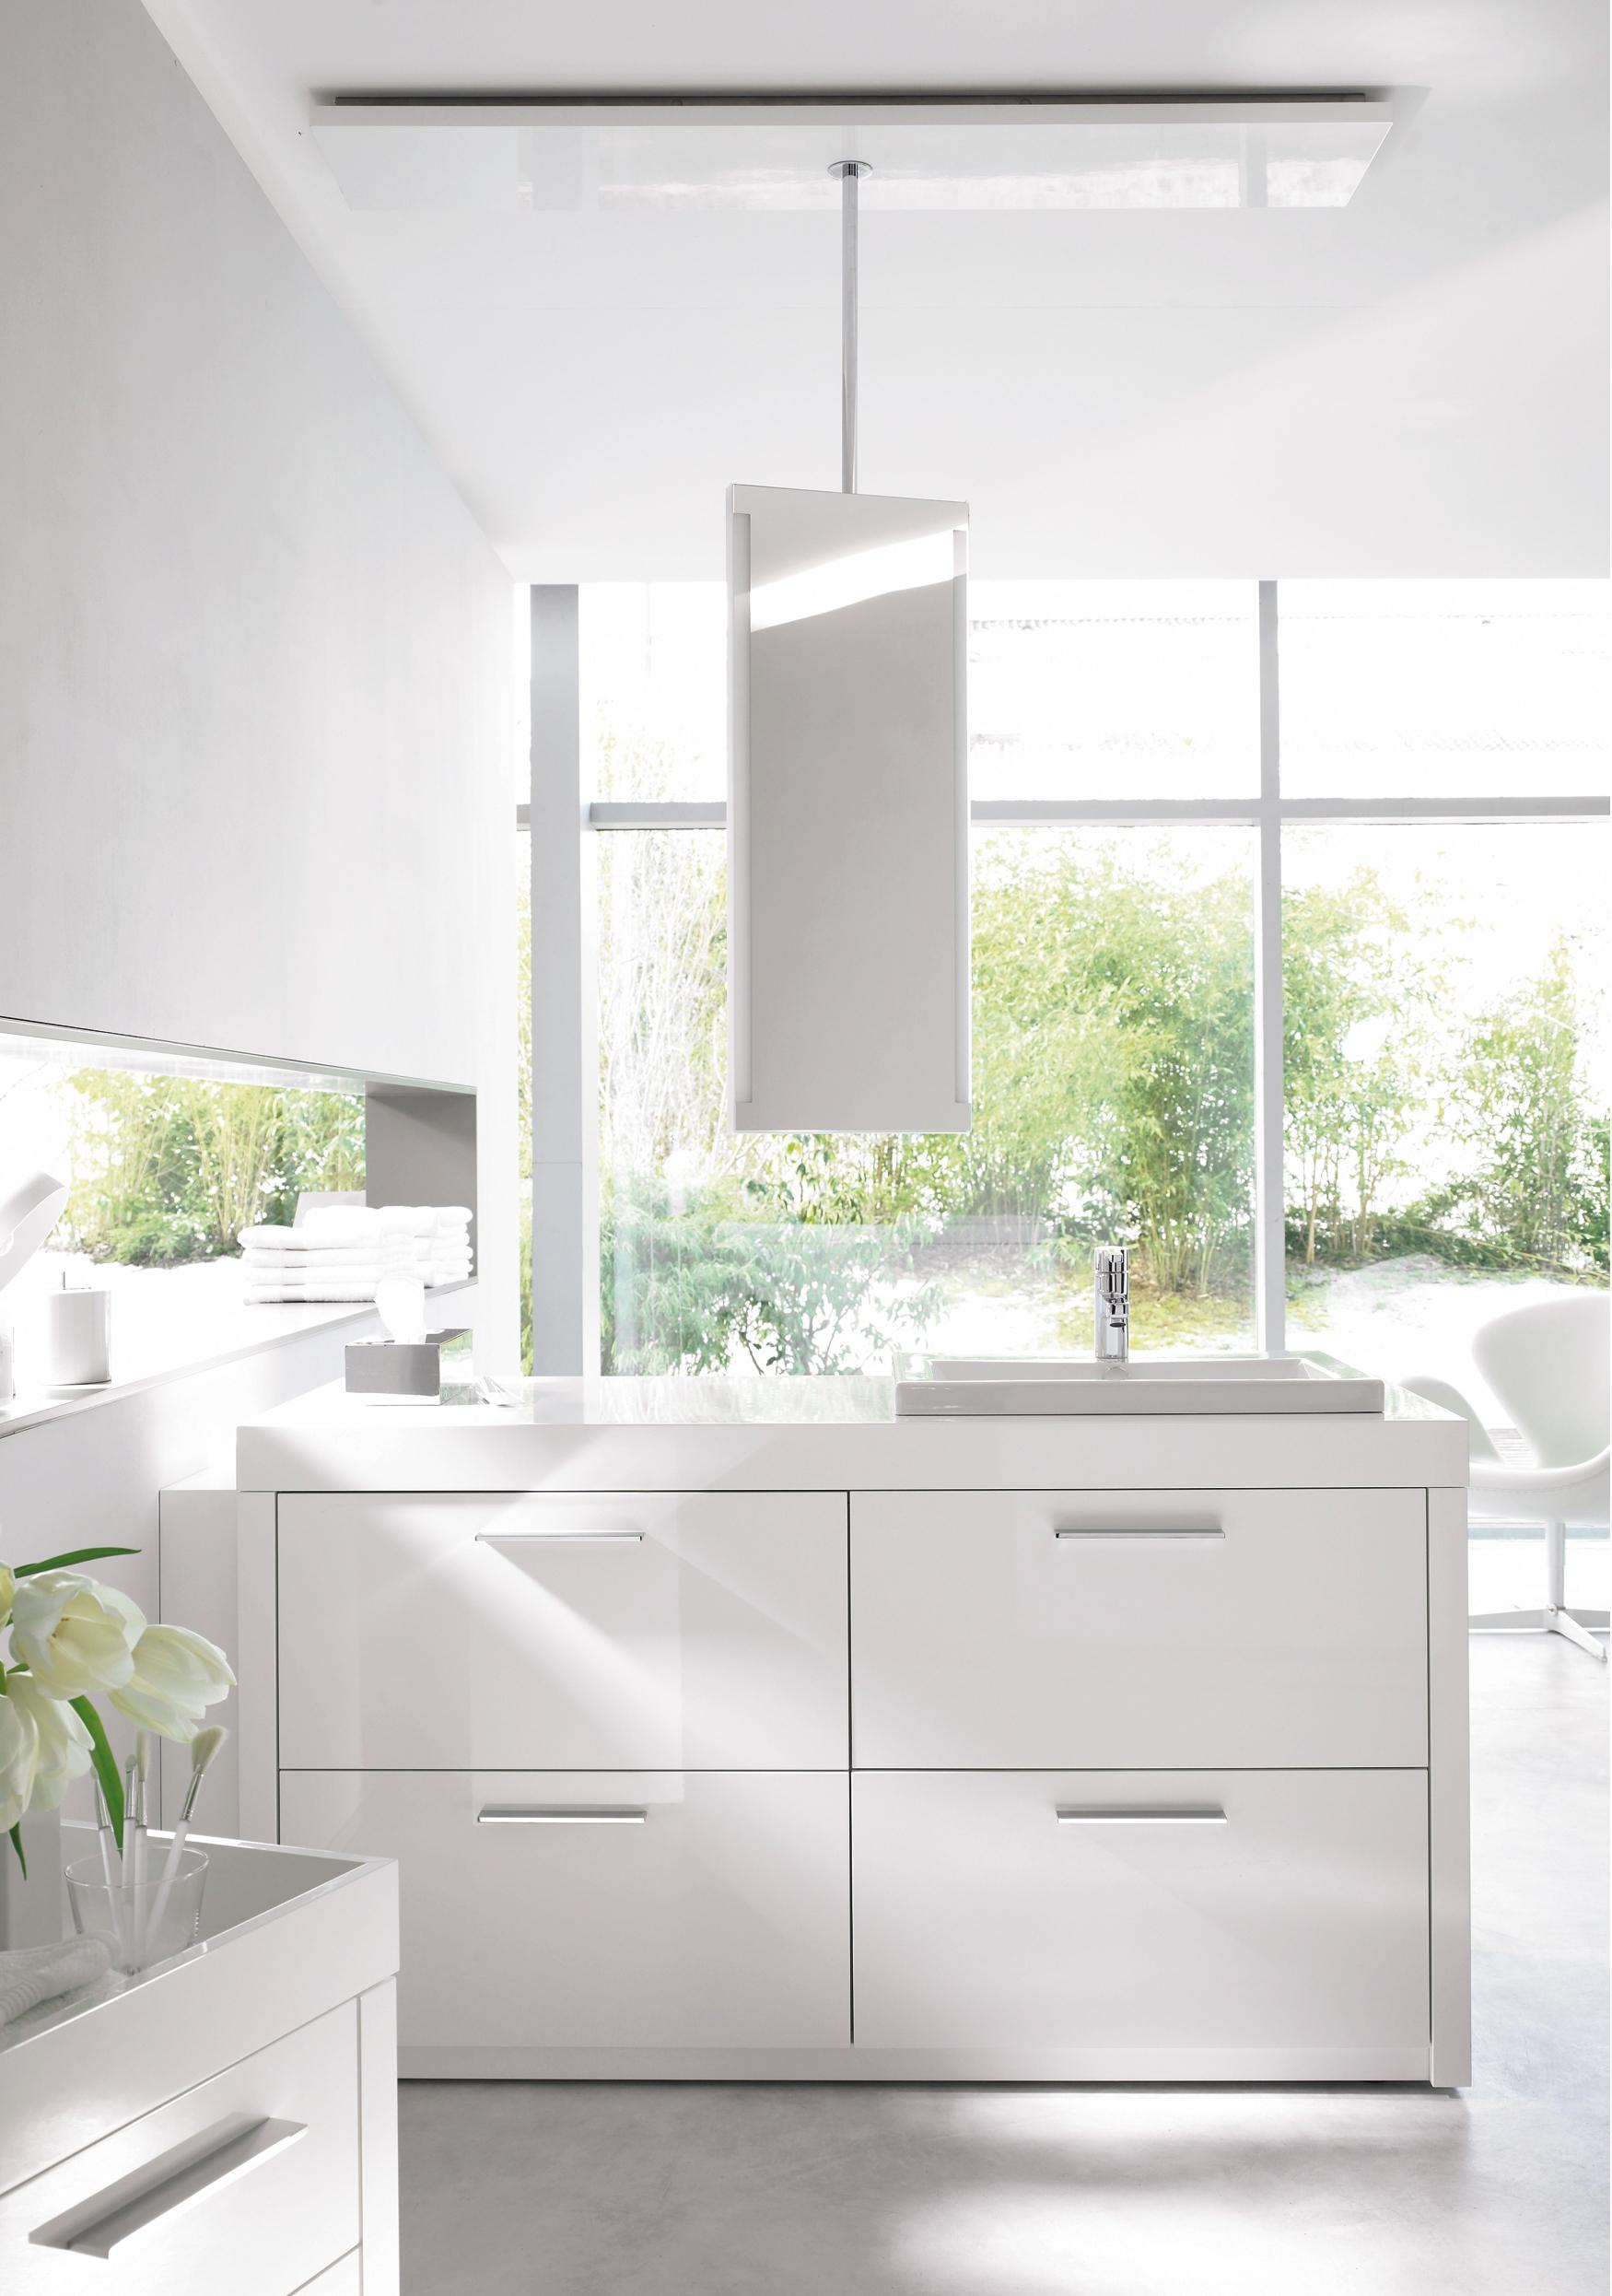 lichtundspiegel_2nd_floor_006 Elegantes Spiegel Mit Indirekter Beleuchtung Dekorationen